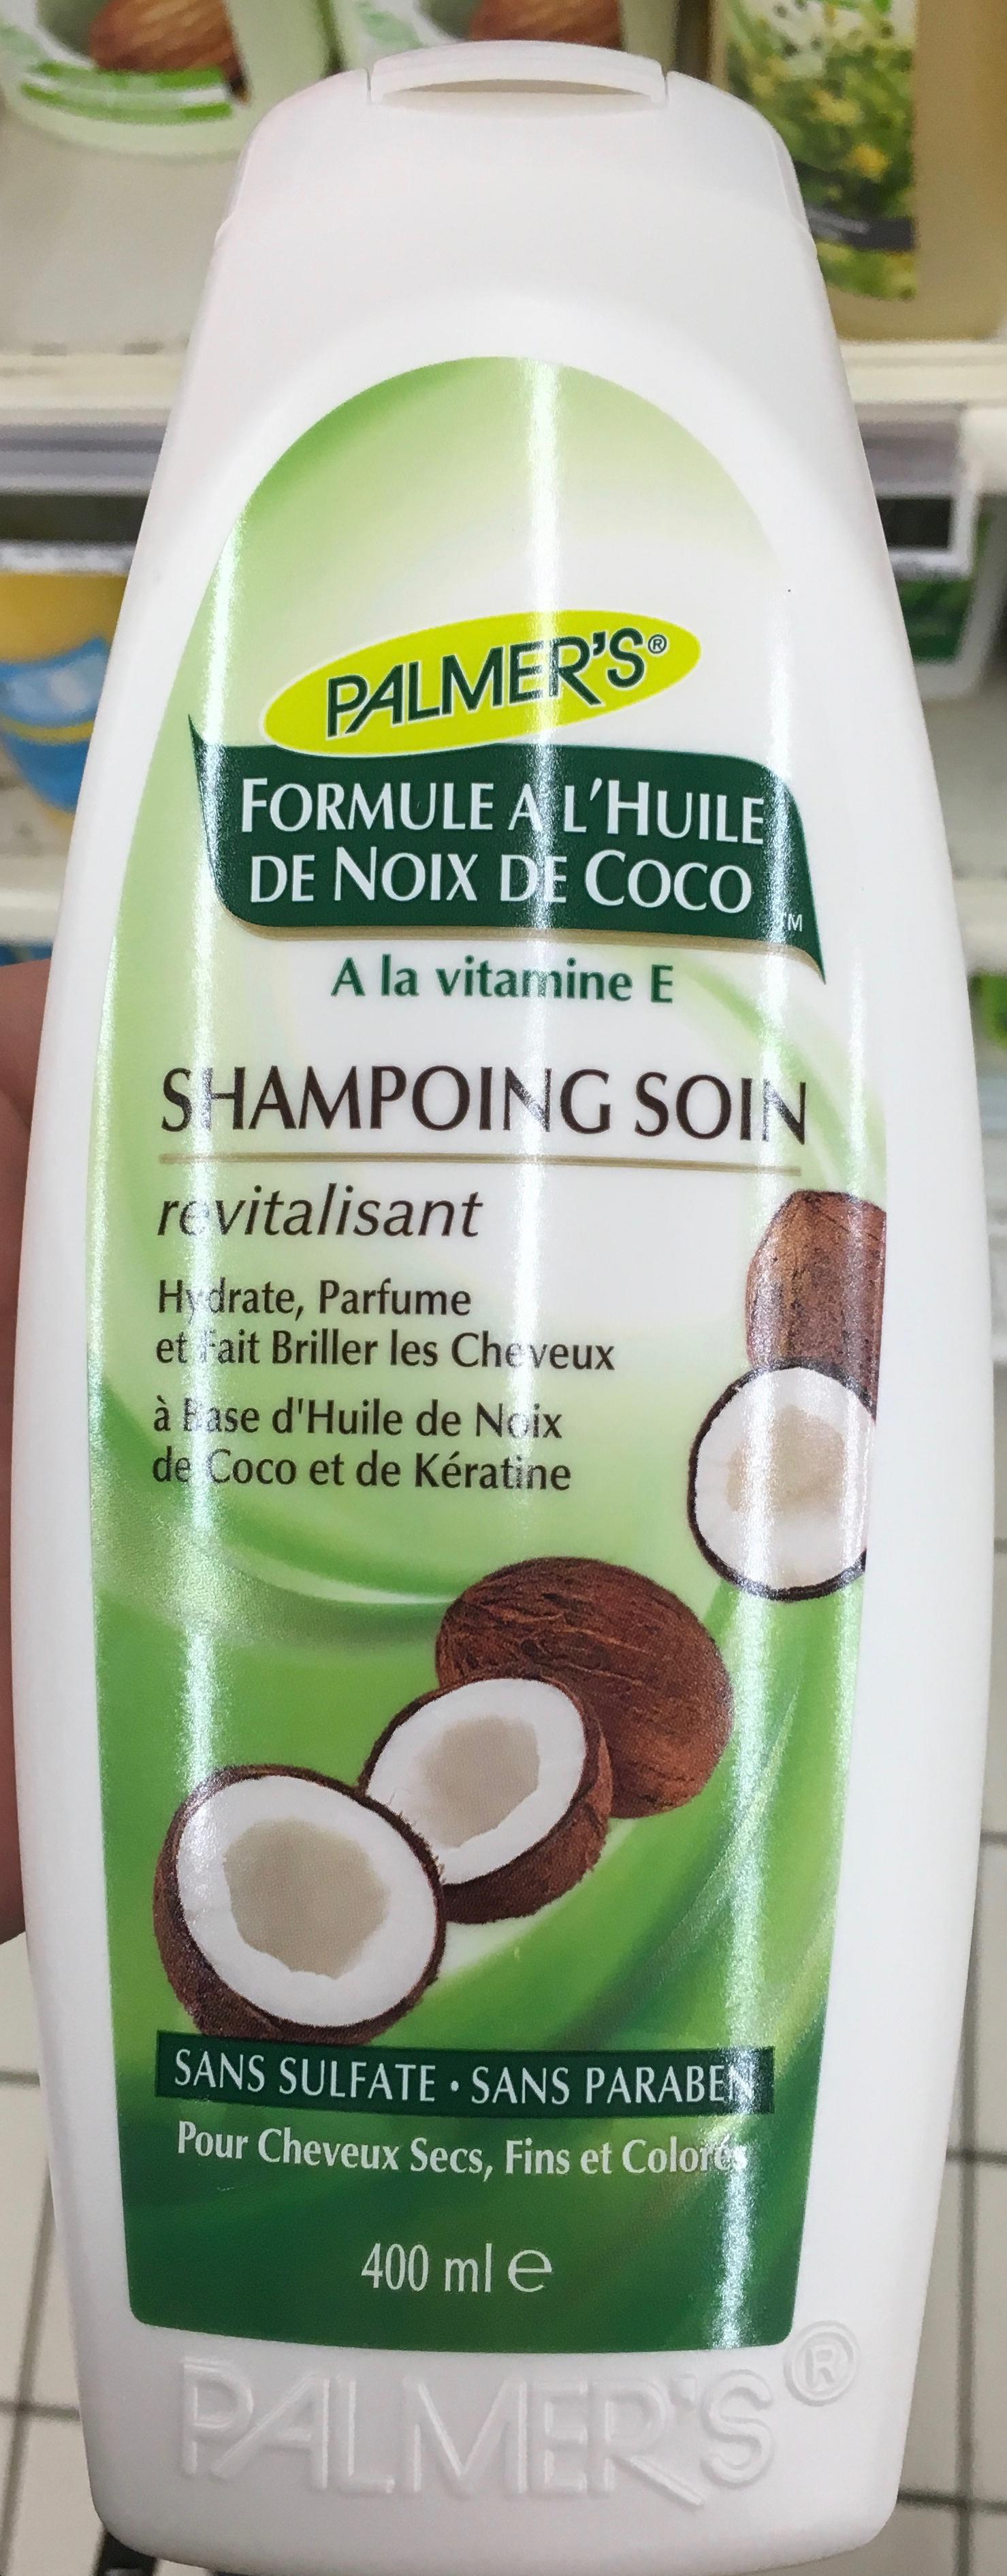 Shampooing soin formule à l'huile de noix de coco - Product - fr